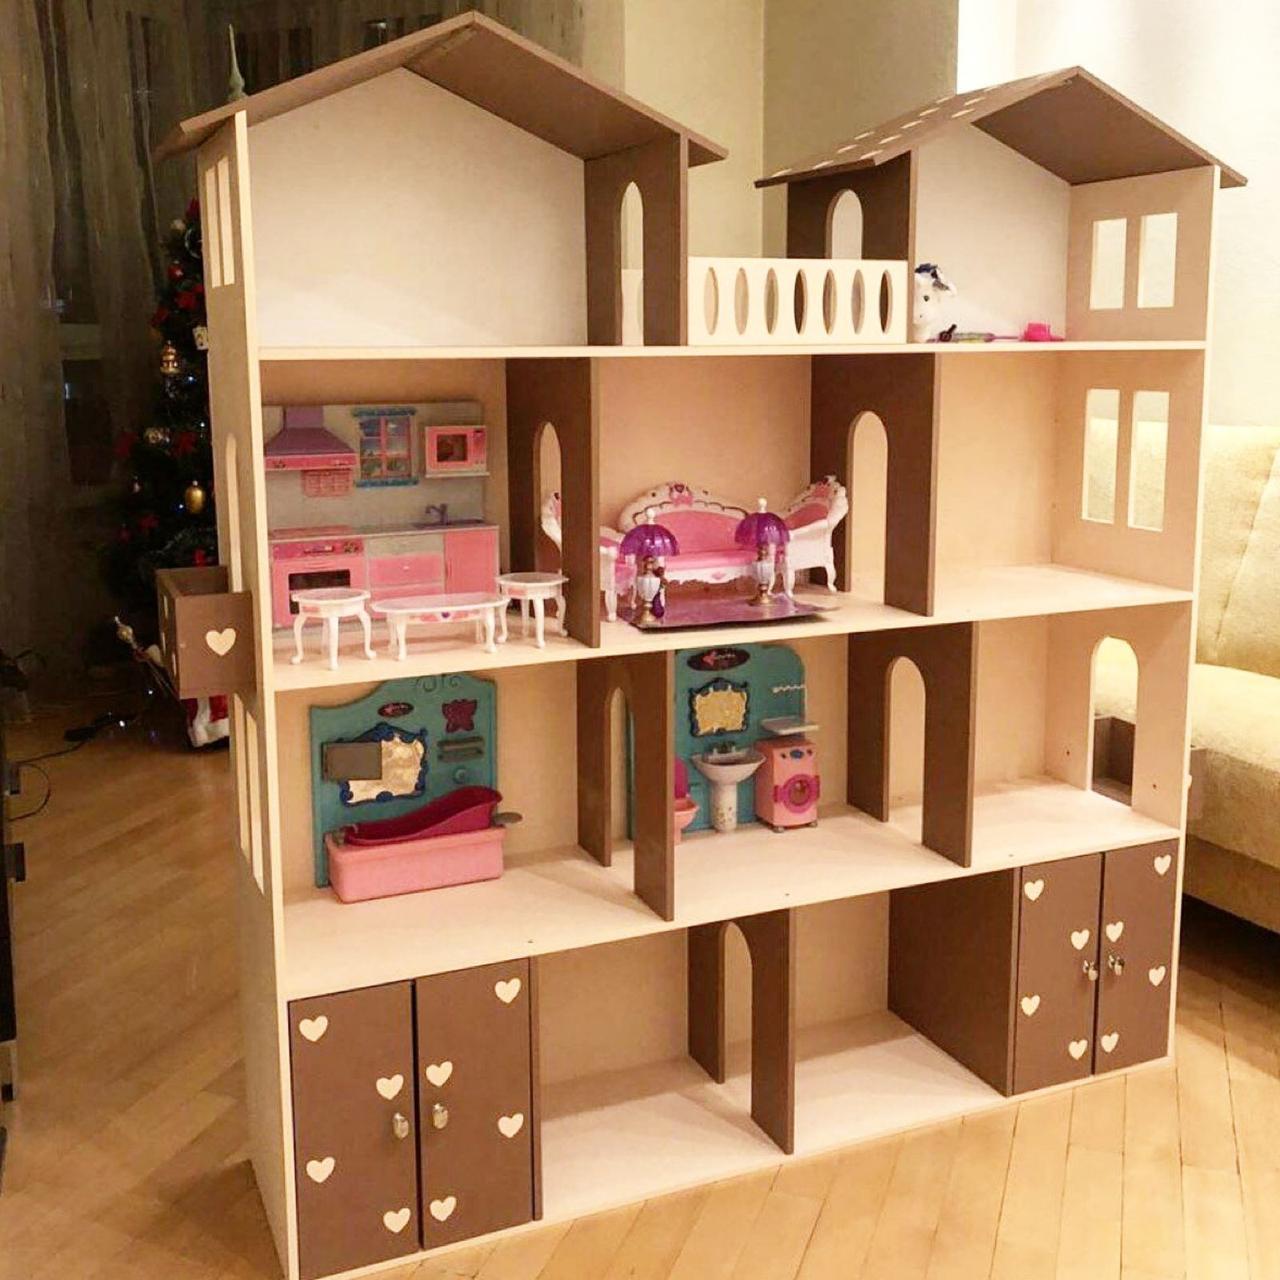 Кукольный домик KiddyRoom 4 этажа Бежевый с коричневым